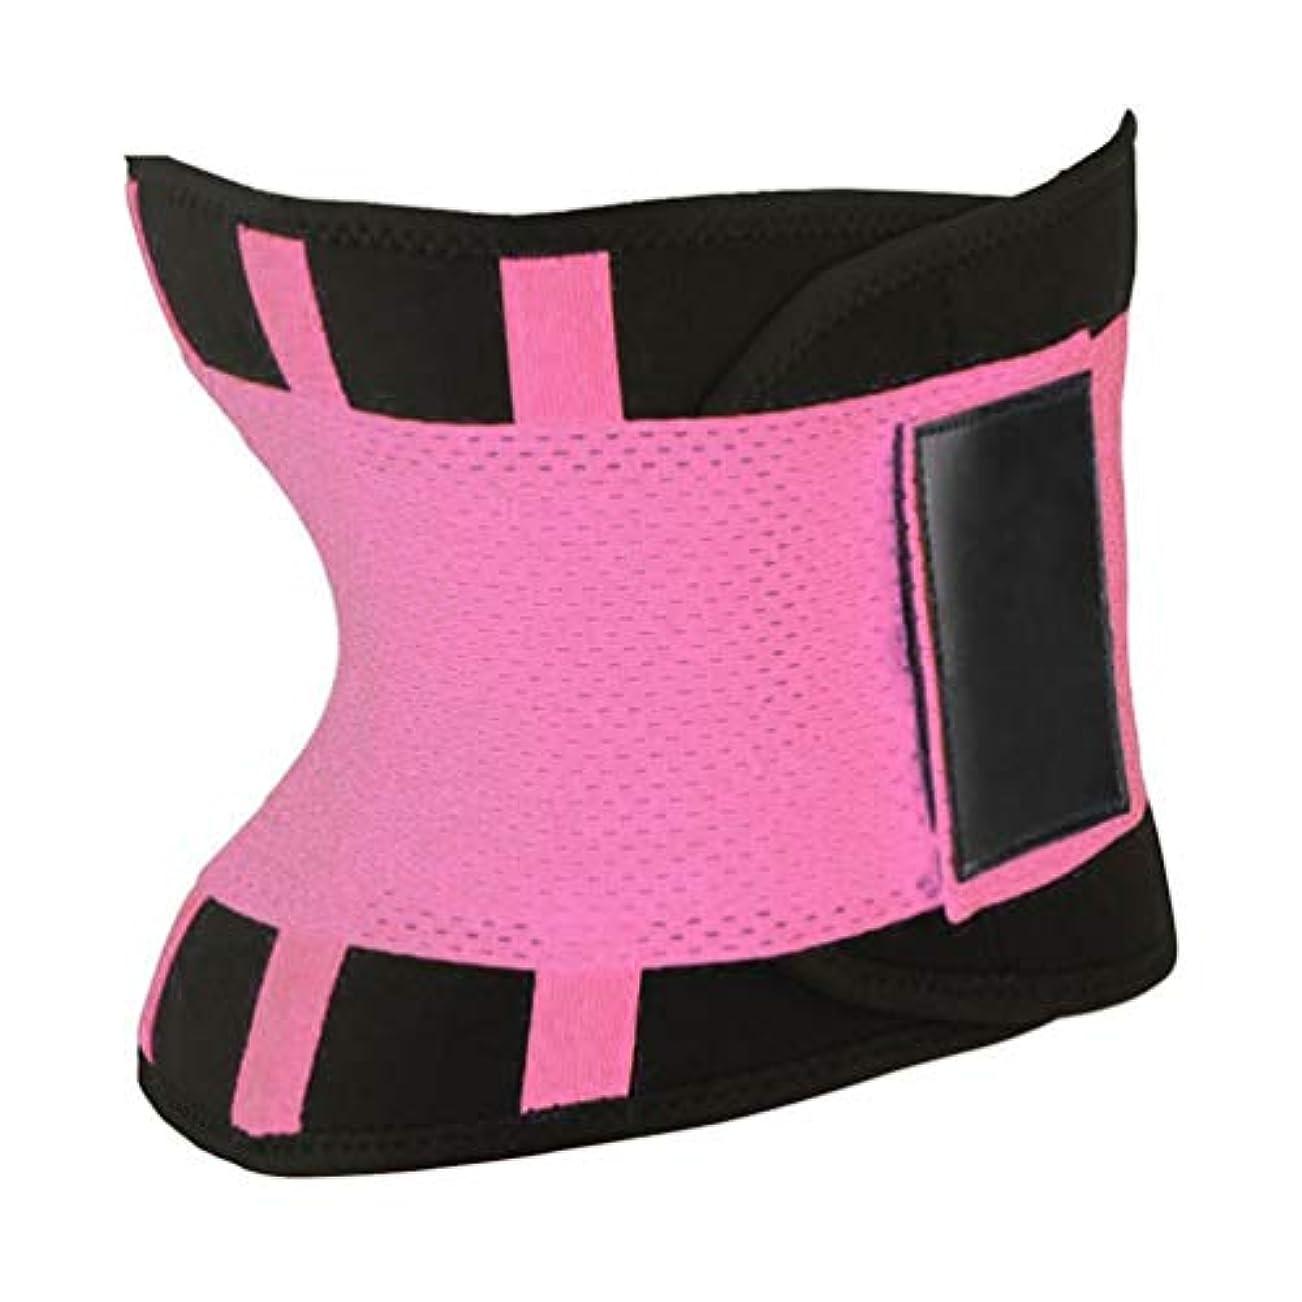 ファイル発表防ぐ快適な女性ボディシェイパー痩身シェイパーベルトスポーツレディースウエストトレーナーニッパーコントロールバーニングボディおなかベルト - ピンクL